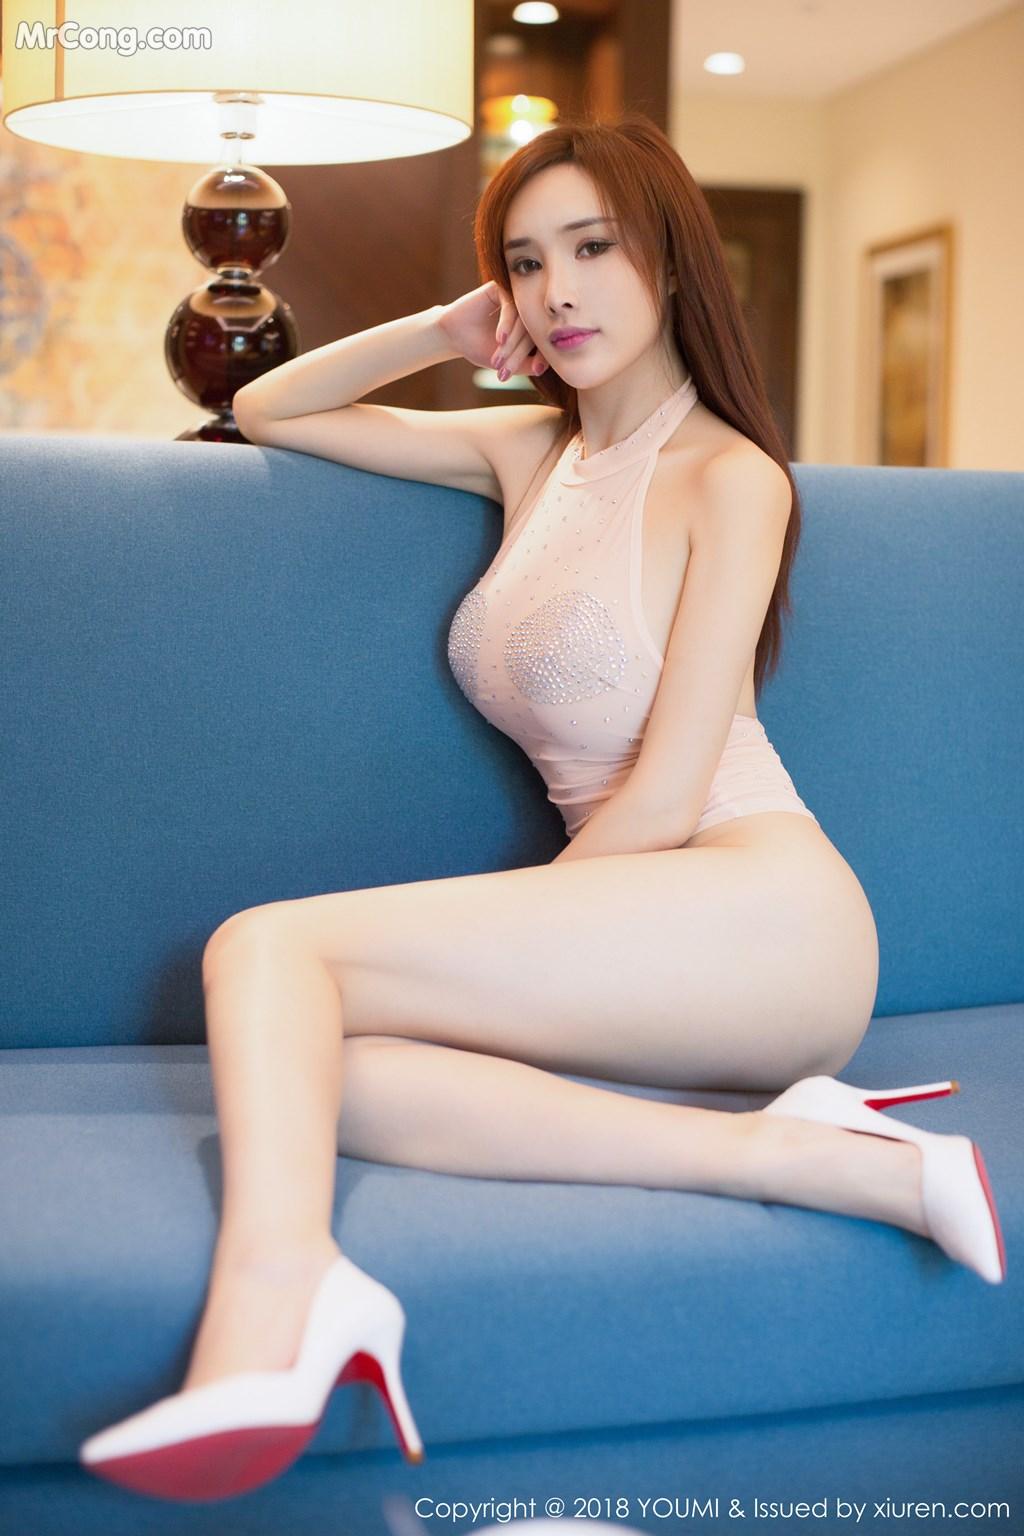 Image YouMi-Vol.112-Tu-Fei-Yuan-Ai-Cuo-Qiong-MrCong.com-005 in post YouMi Vol.112: Người mẫu 土肥圆矮挫穷 (51 ảnh)